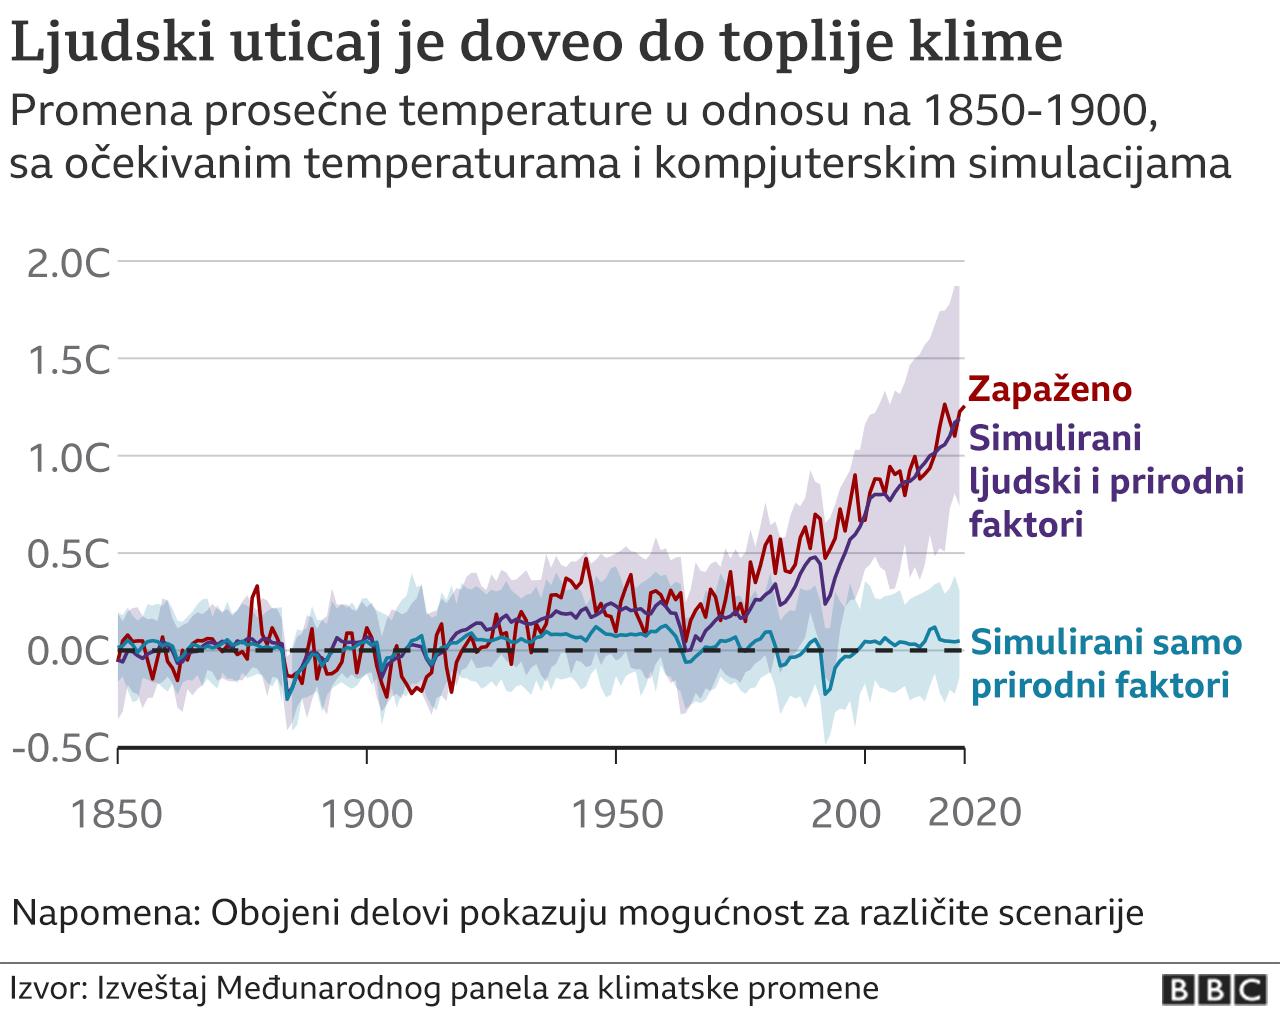 ljudski uticaj na klimu